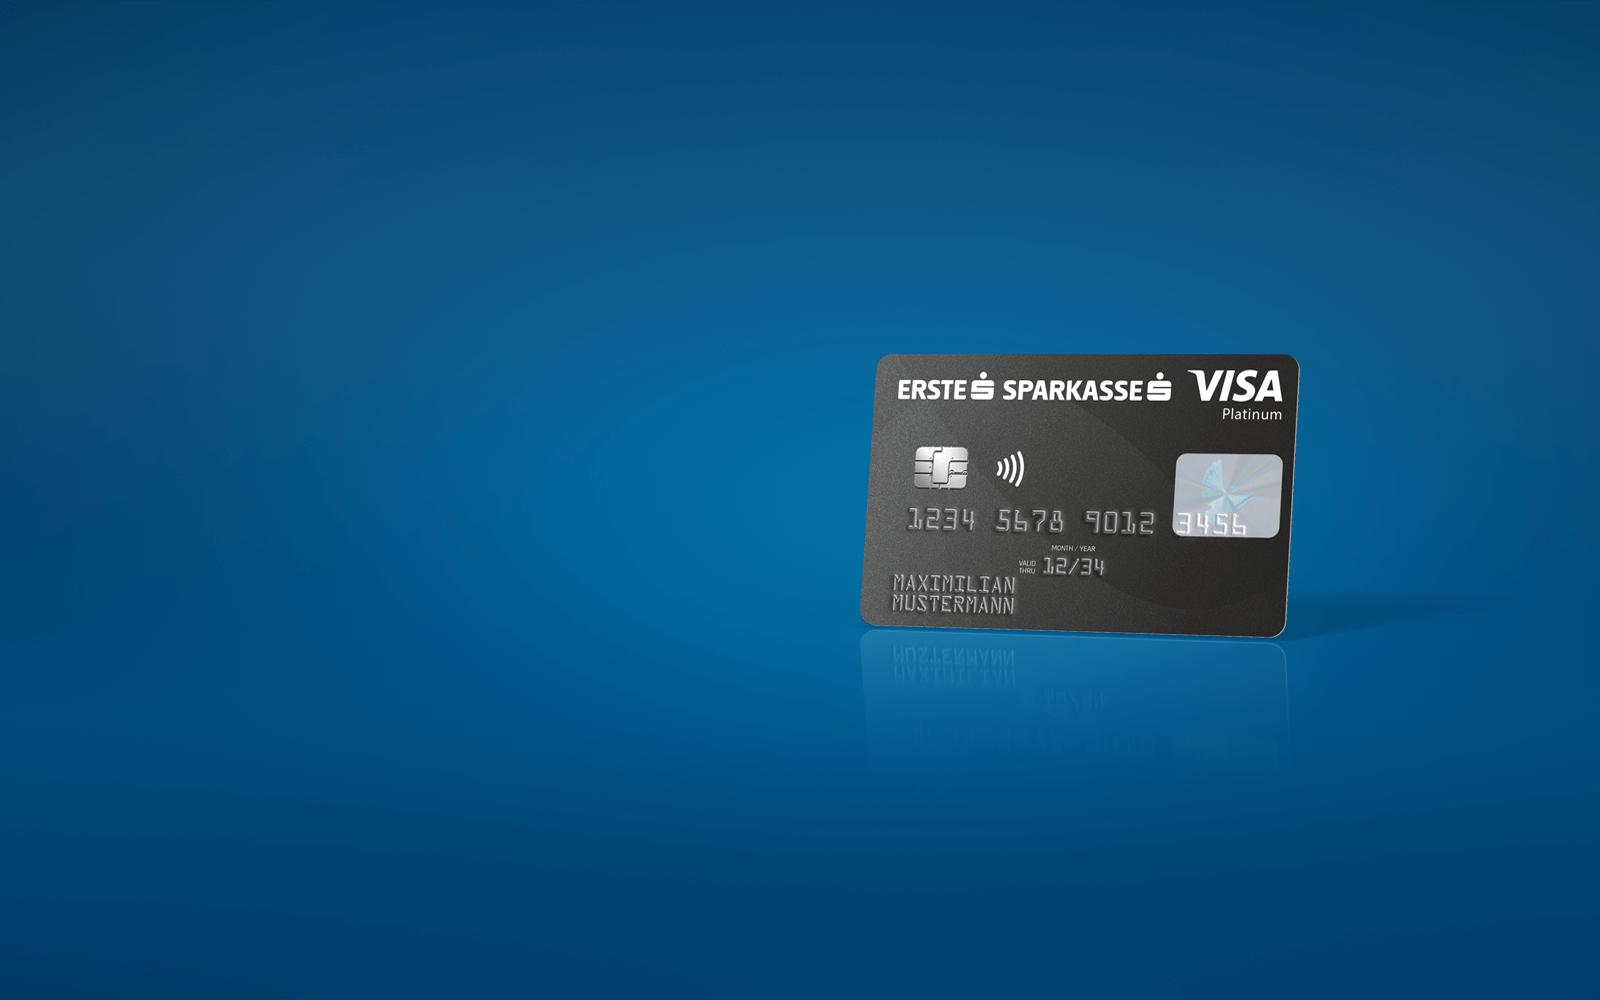 Alles, was Sie über die Sparkasse Kreditkarte wissen müssen